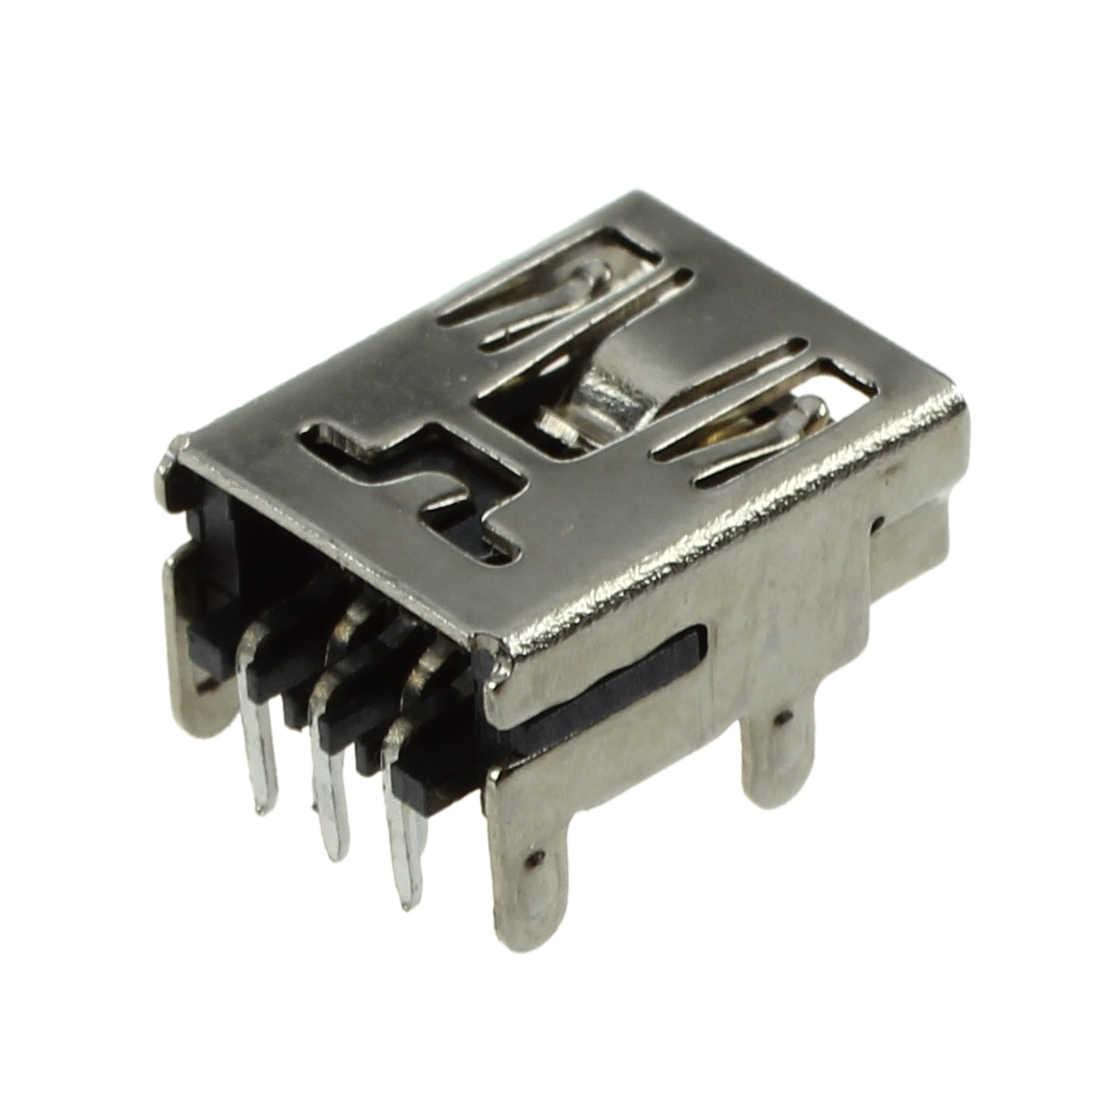 10 sztuk Mini USB 5 pinowe gniazdo żeńskie złącze smt diy srebrny Tone ciemny szary